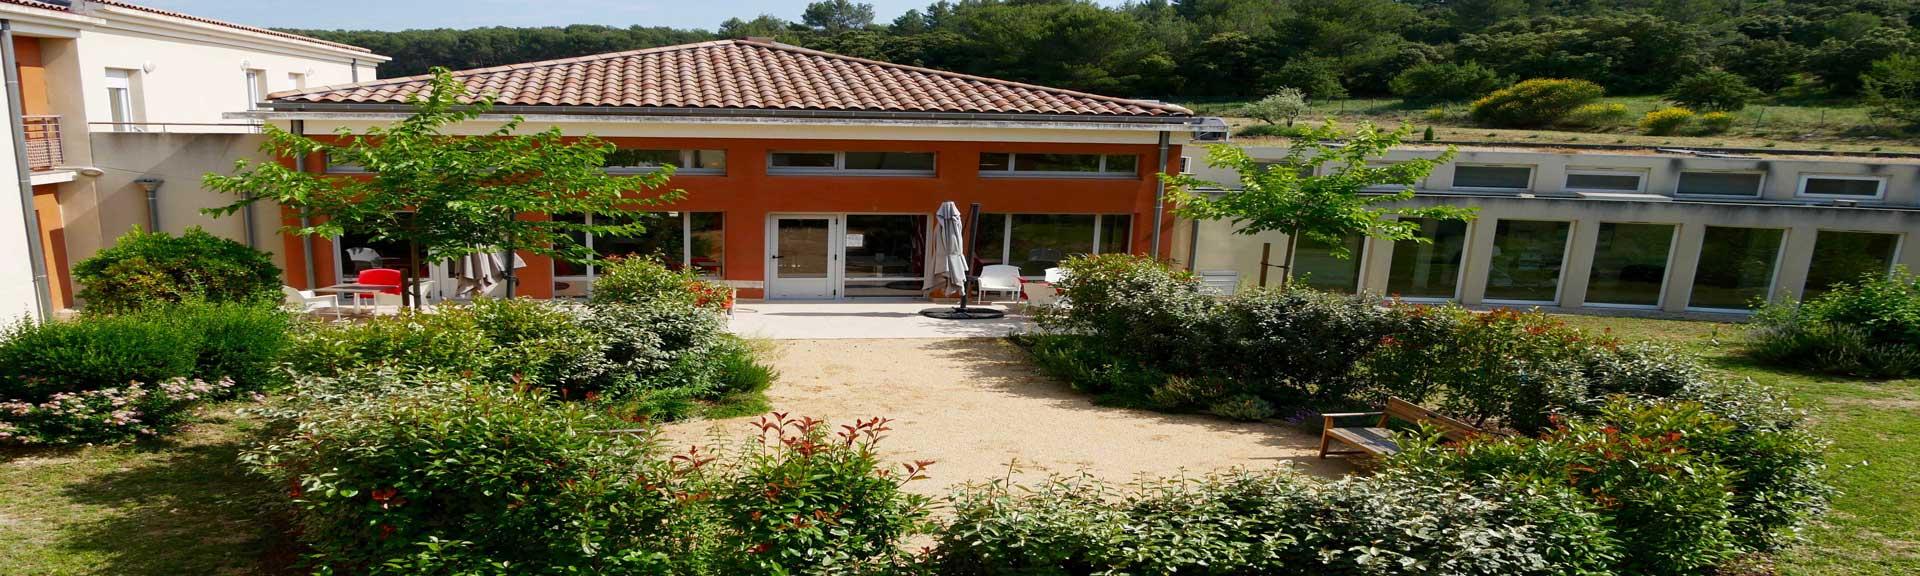 La maison de retraite L'Occitanie